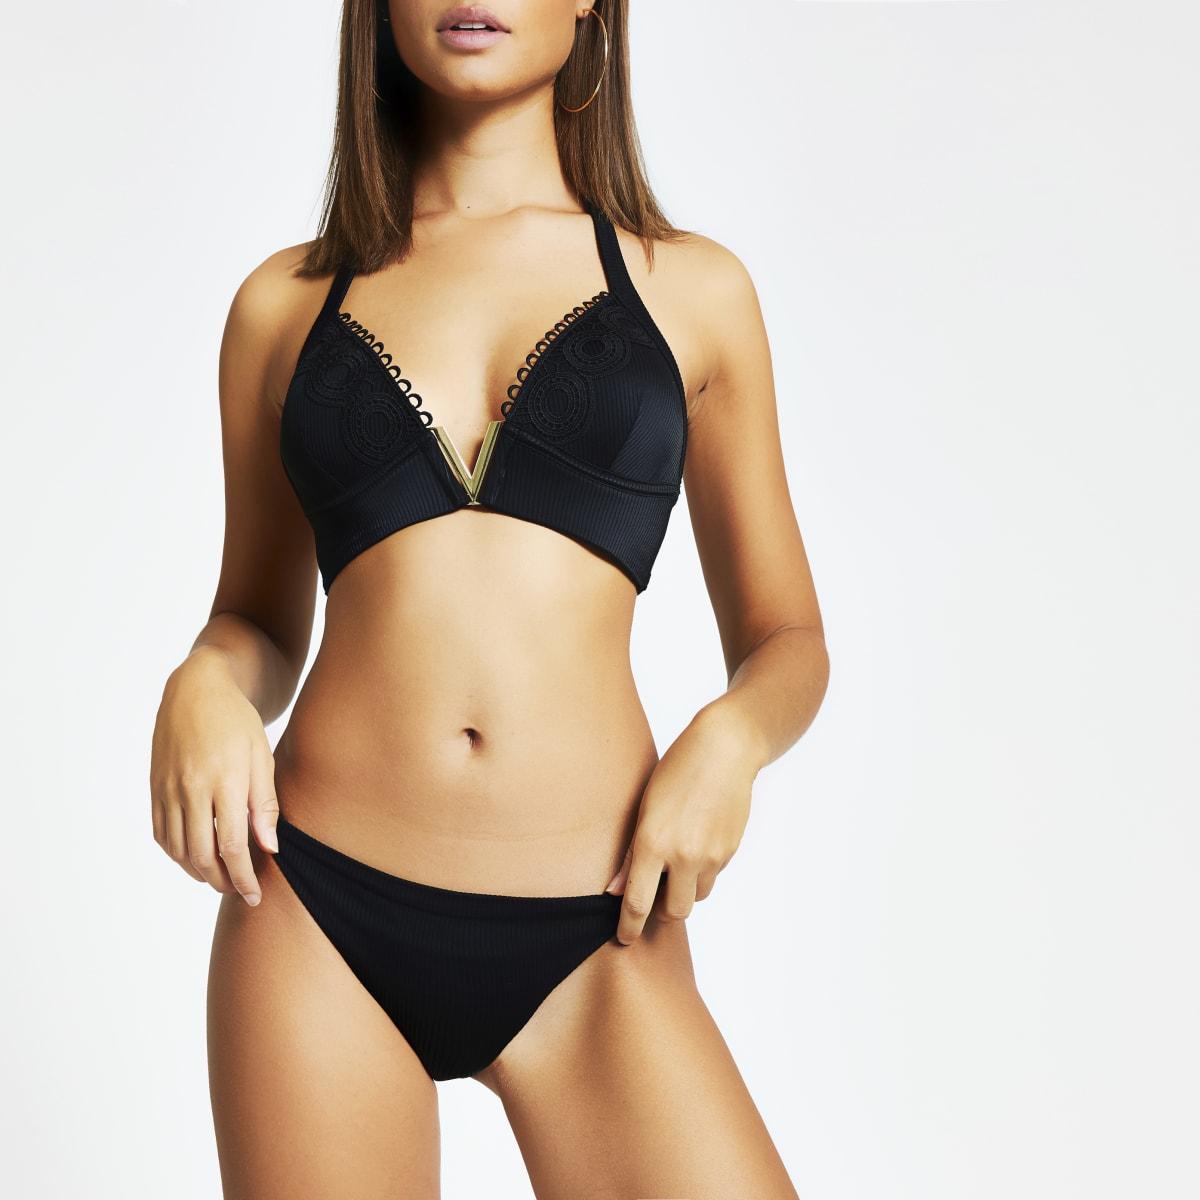 Gerippte Bikinihose mit elastischen Seiten in Schwarz